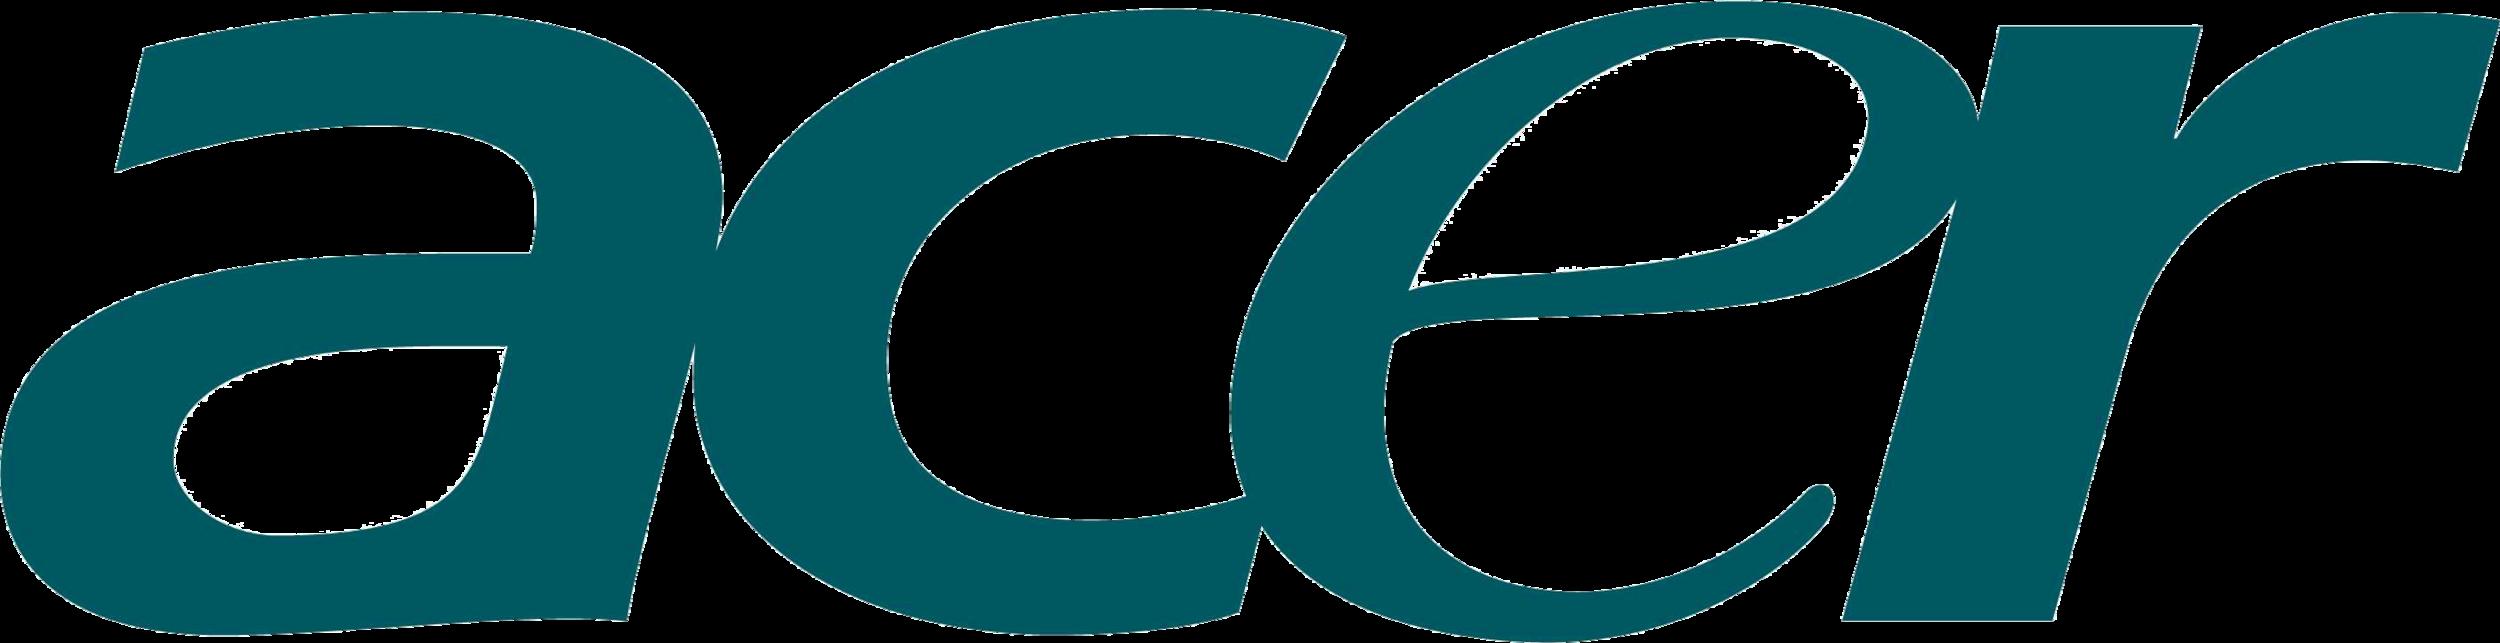 acer_logo_large.png